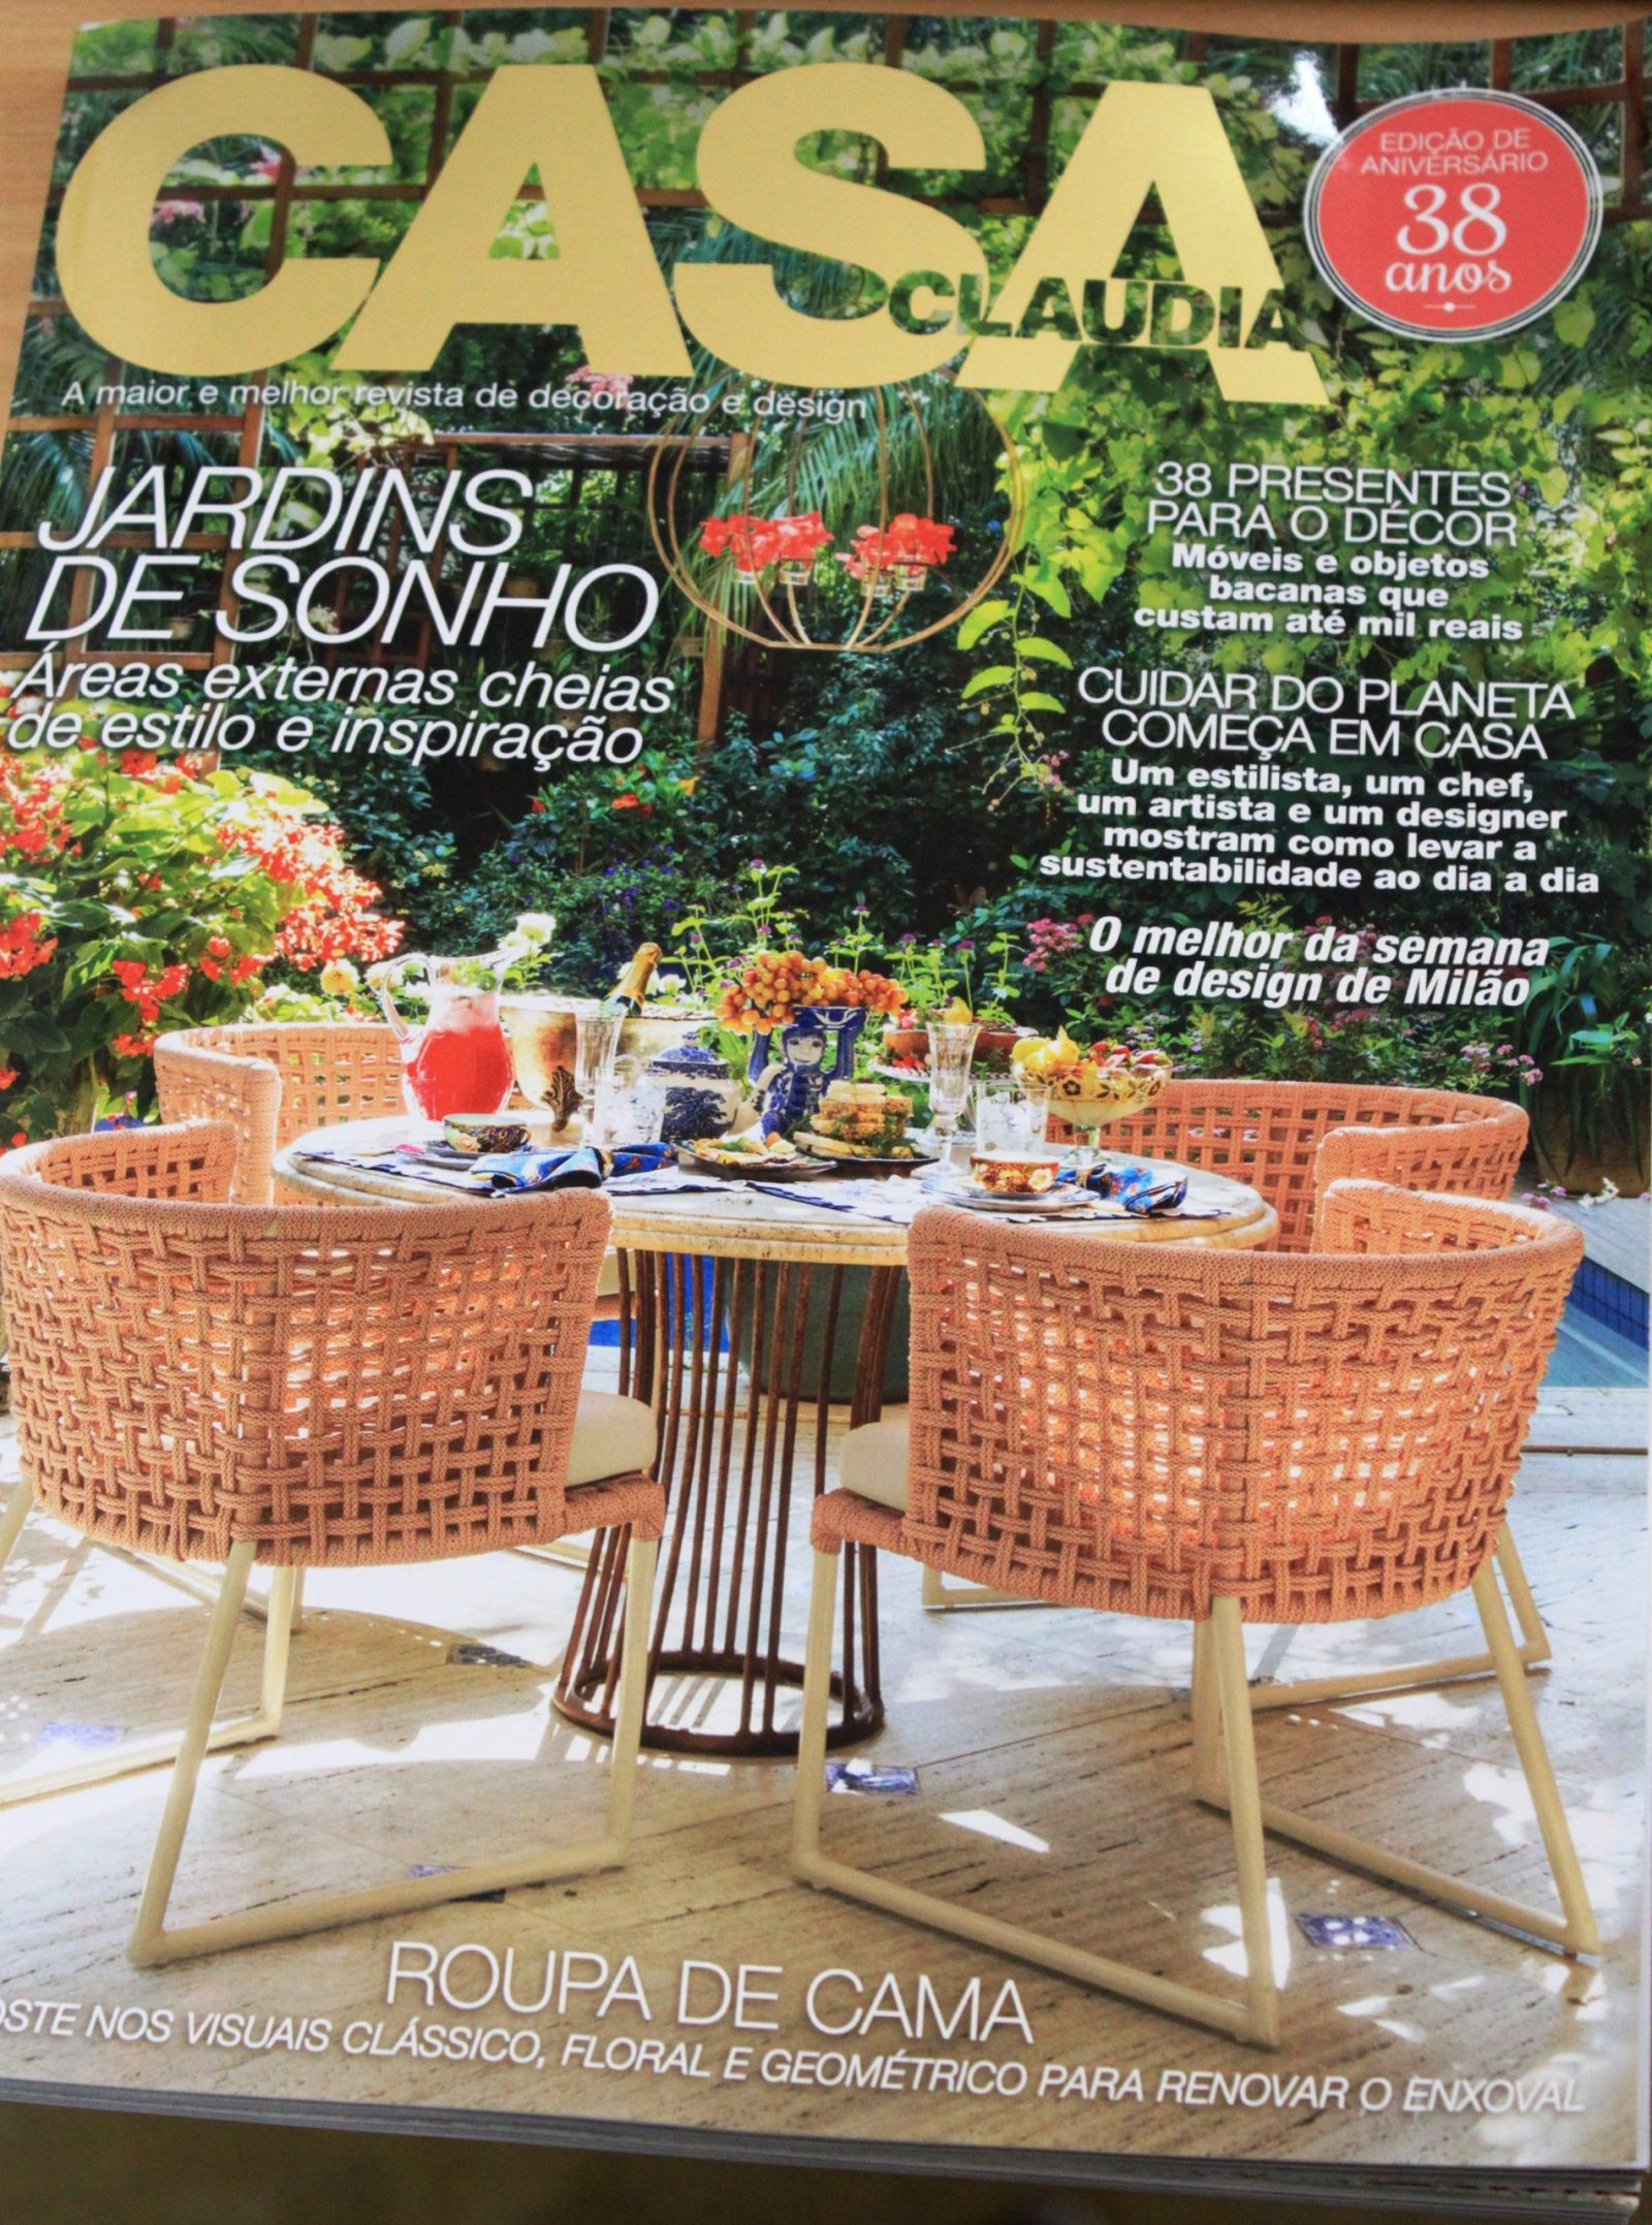 Sabor de Fazenda na Revista Casa Claudia – Edição de Aniversário